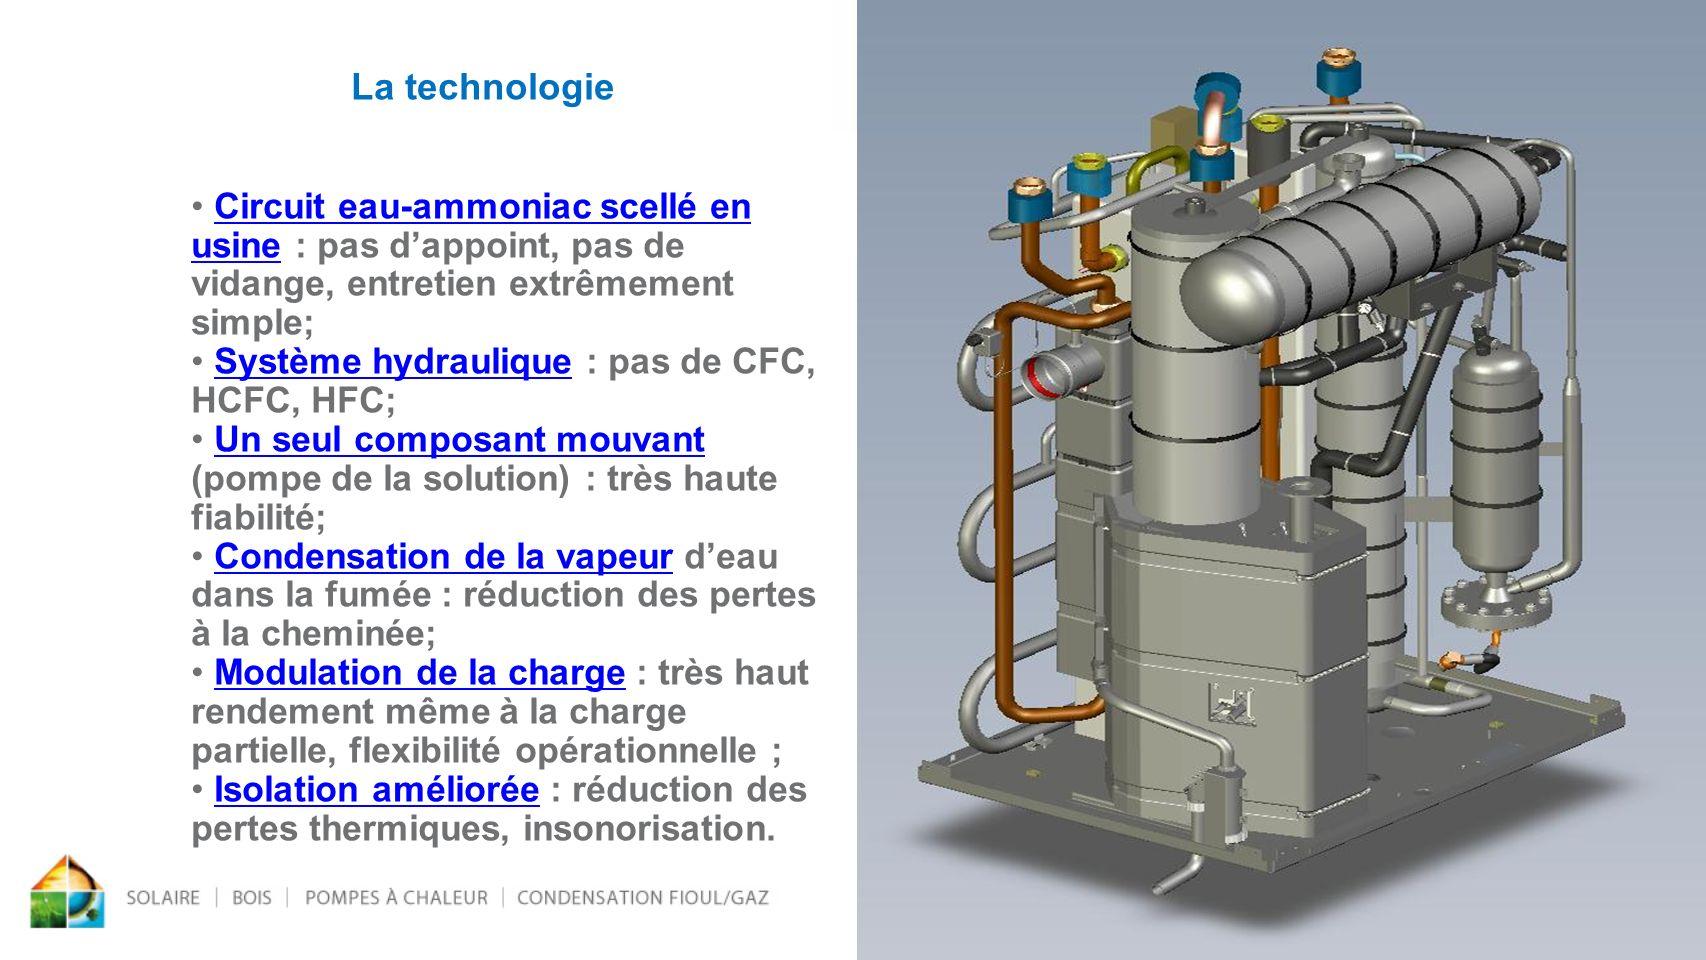 6 Circuit eau-ammoniac scellé en usine : pas dappoint, pas de vidange, entretien extrêmement simple; Circuit eau-ammoniac scellé en usine : pas dappoi